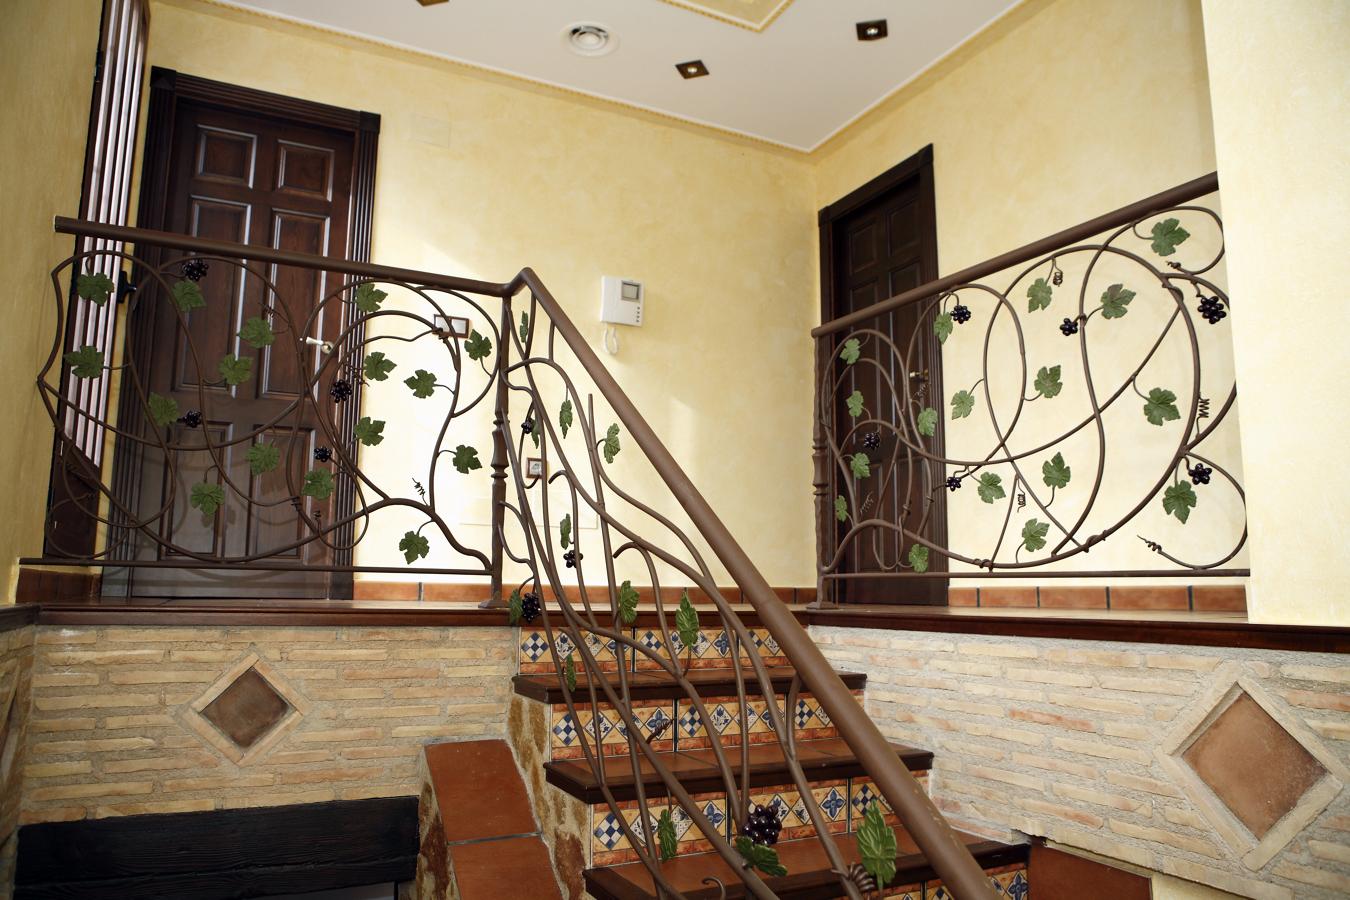 Casa rustica ideas construcci n casas - Escaleras de decoracion ...